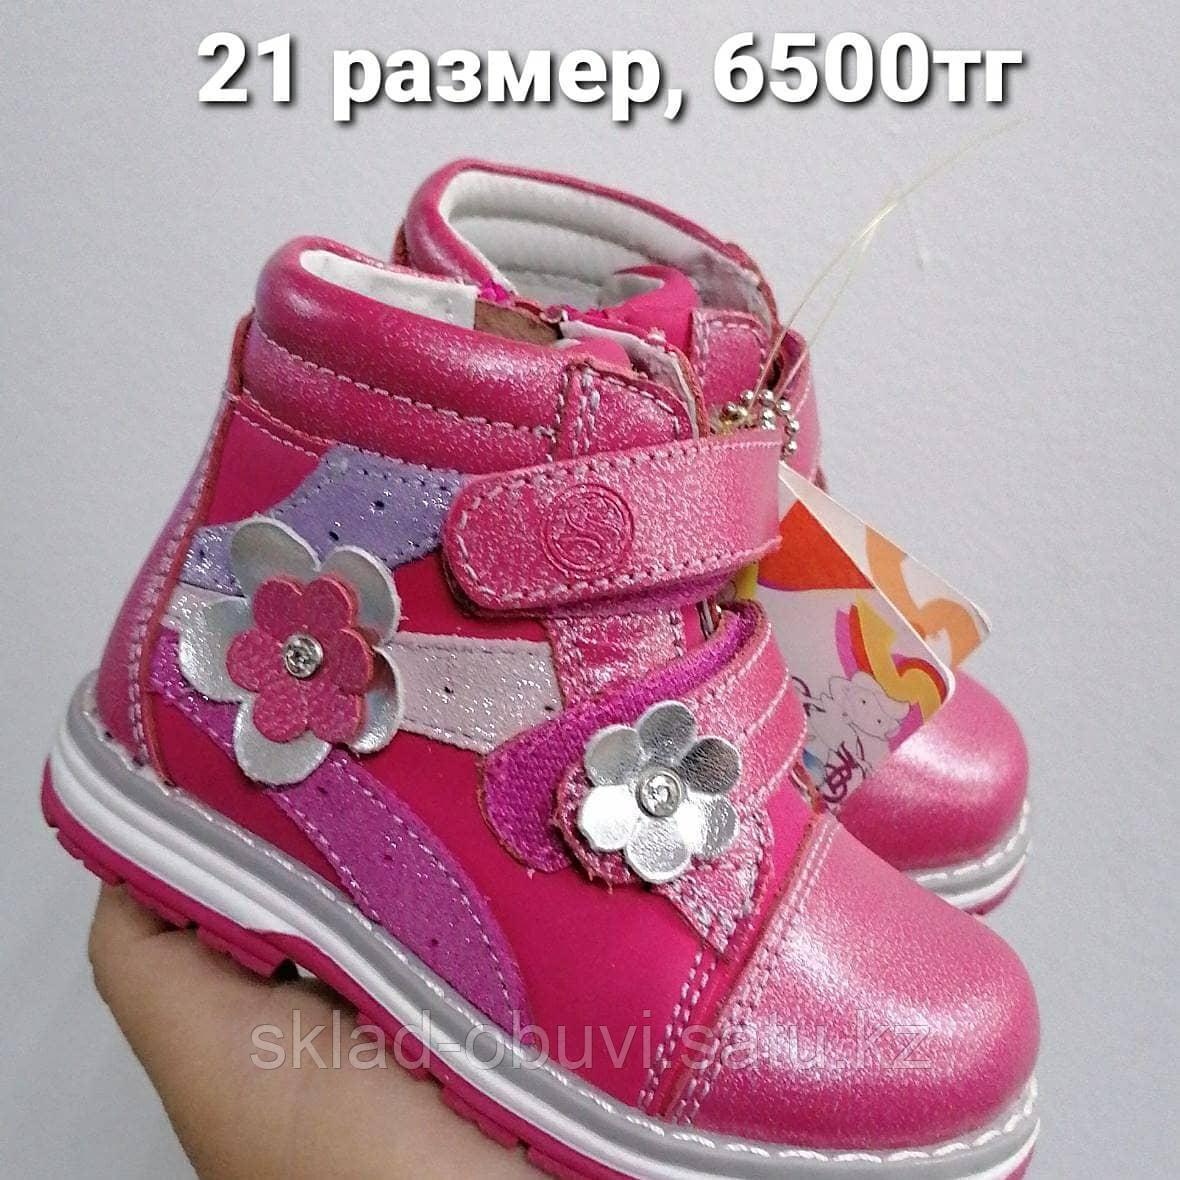 Кожаные ортопедические детские ботиночки. Распродажа со склада мелким оптом. - фото 3